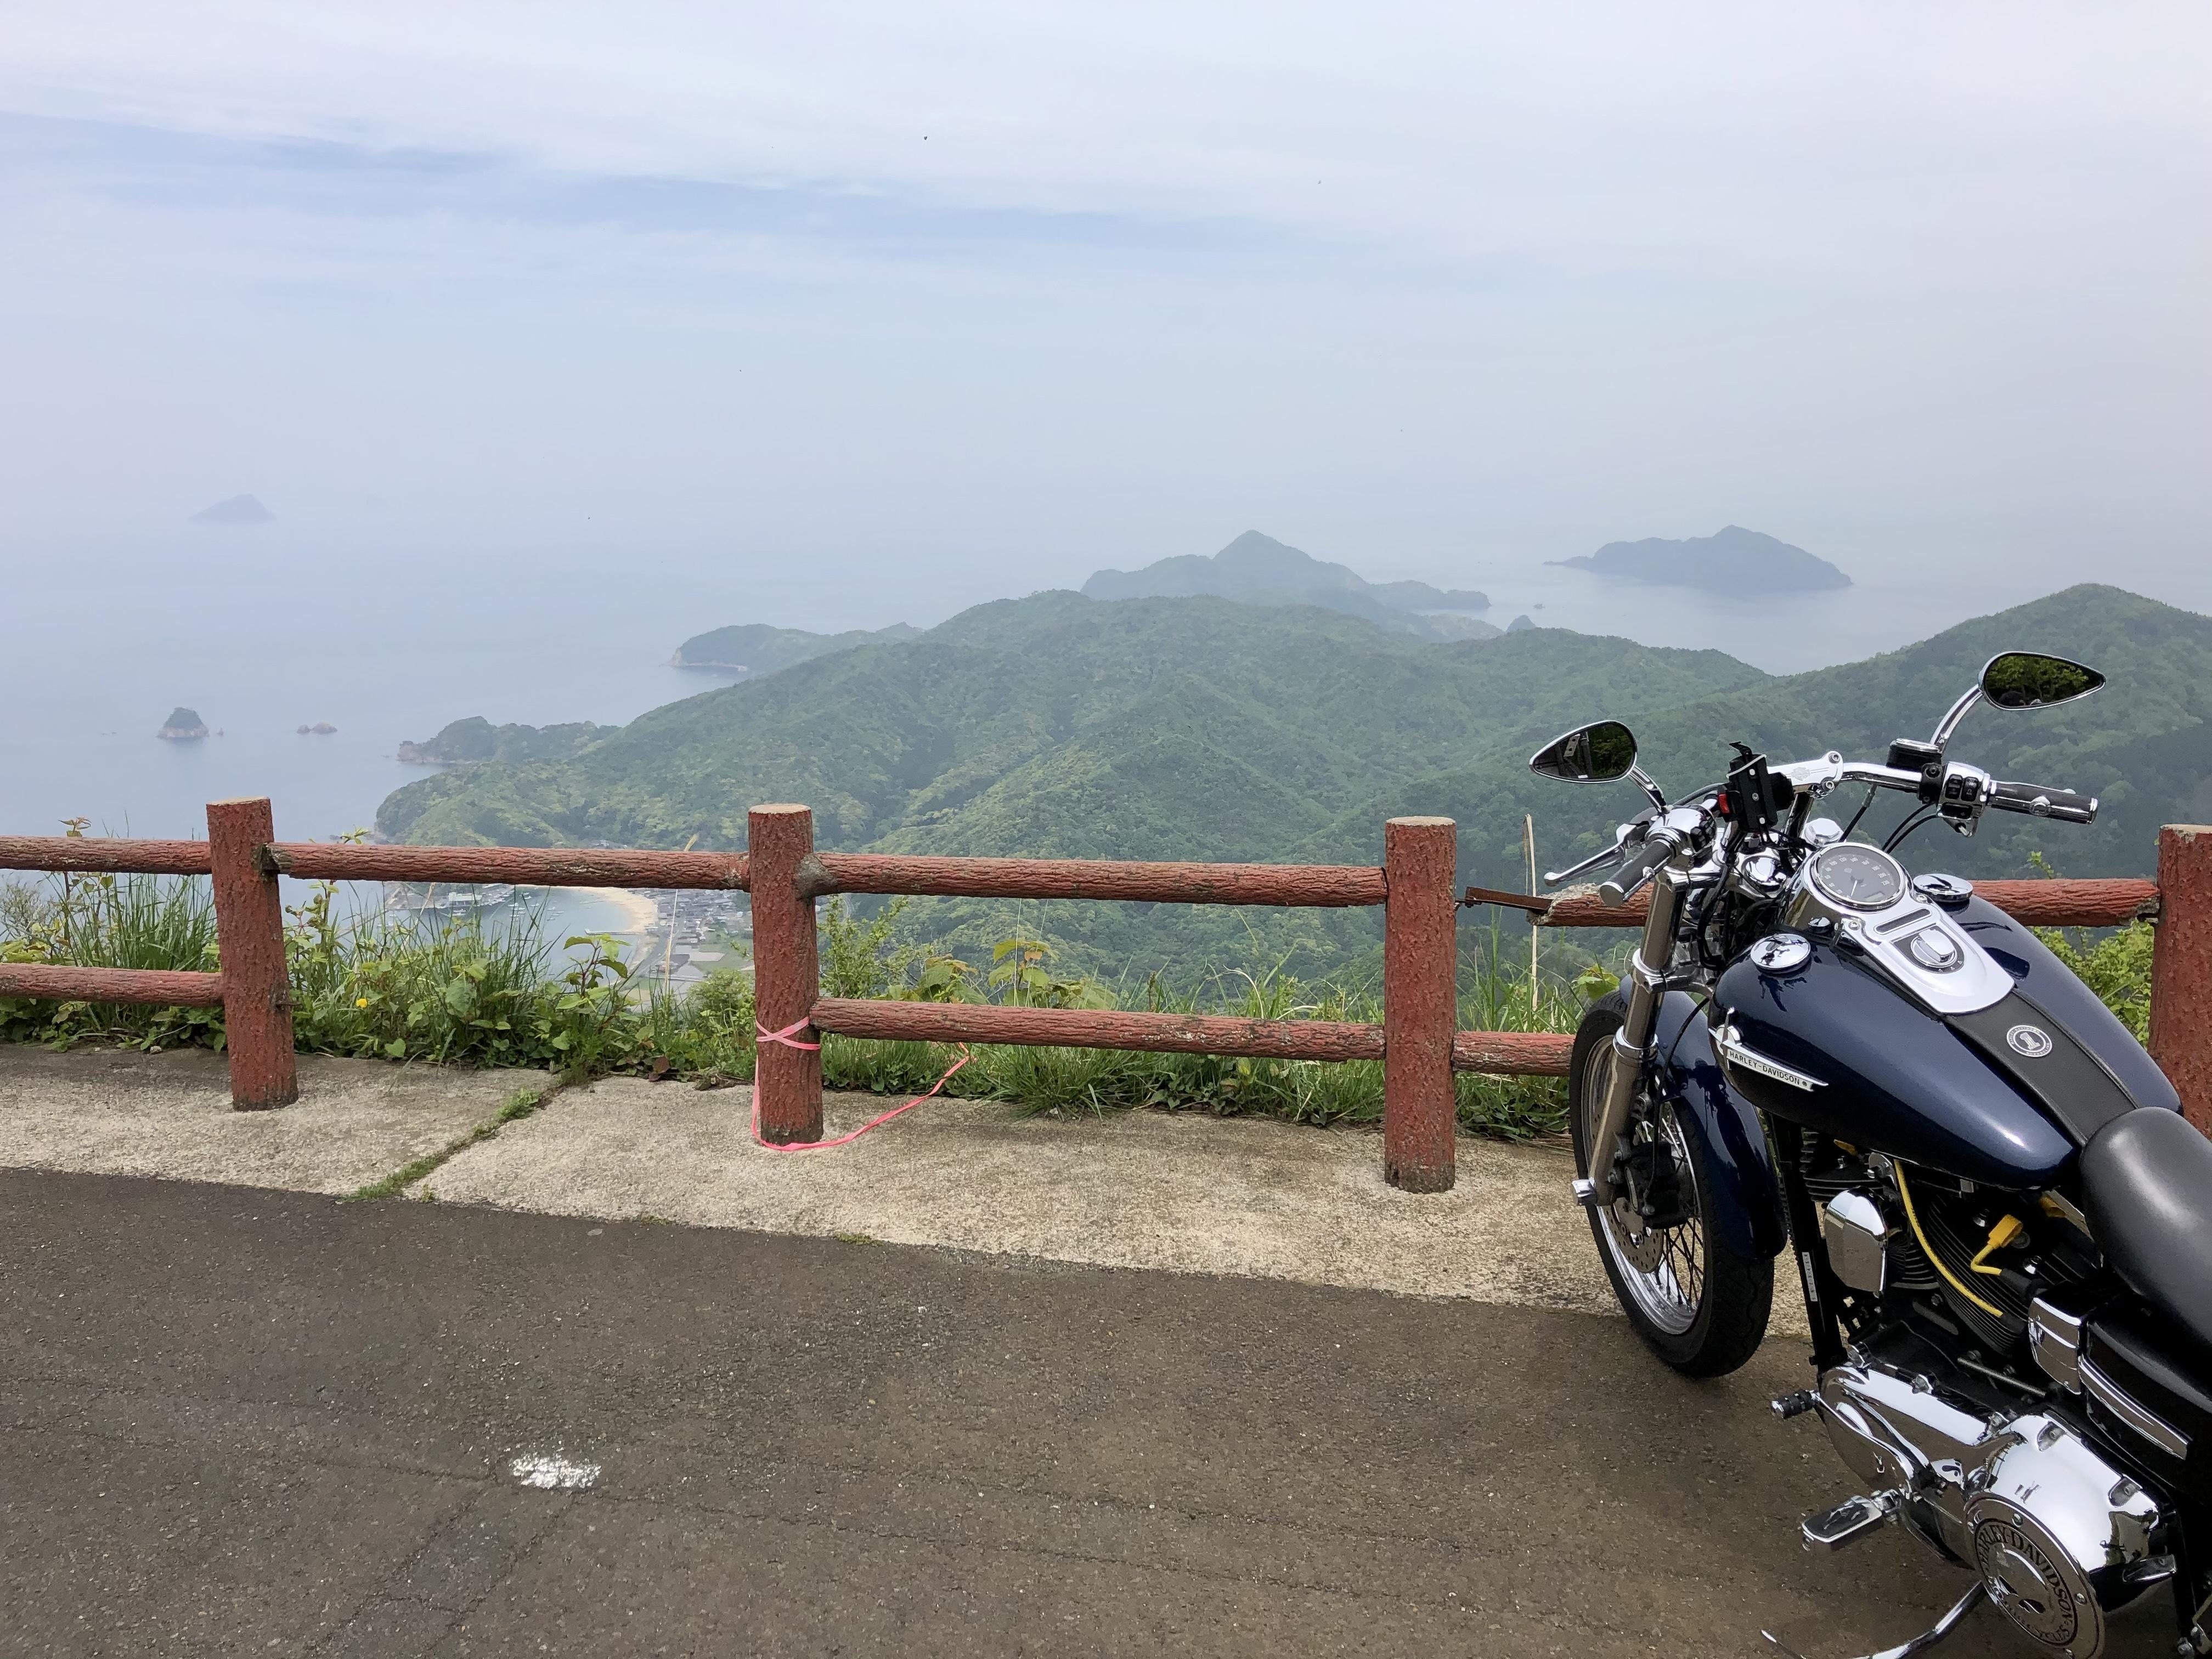 舞鶴ツーリング 空山展望台 絶景 曇り